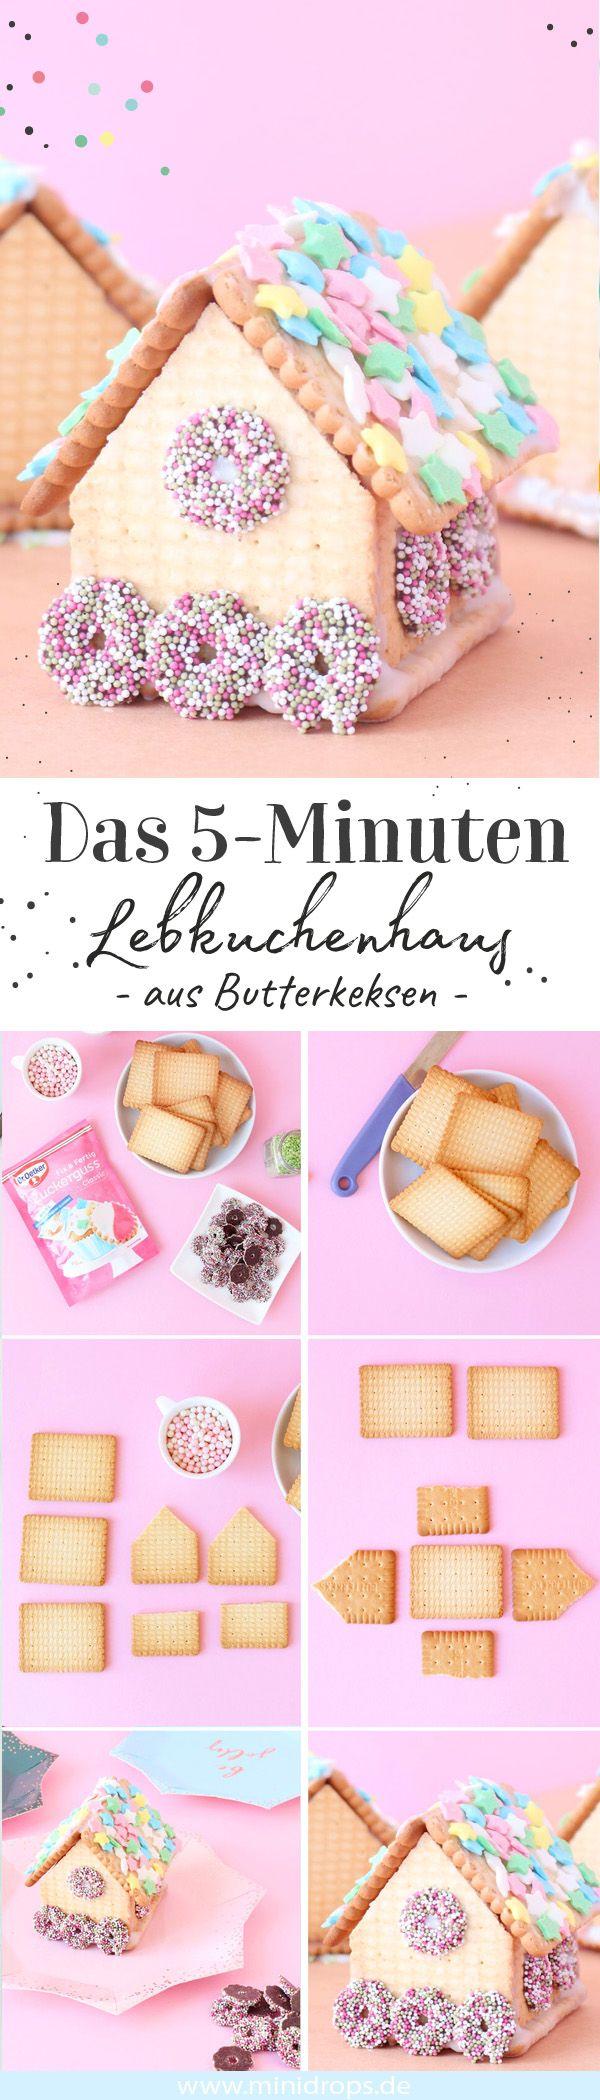 Lebkuchenhaus aus Butterkeksen ganz einfach machen • Minidrops